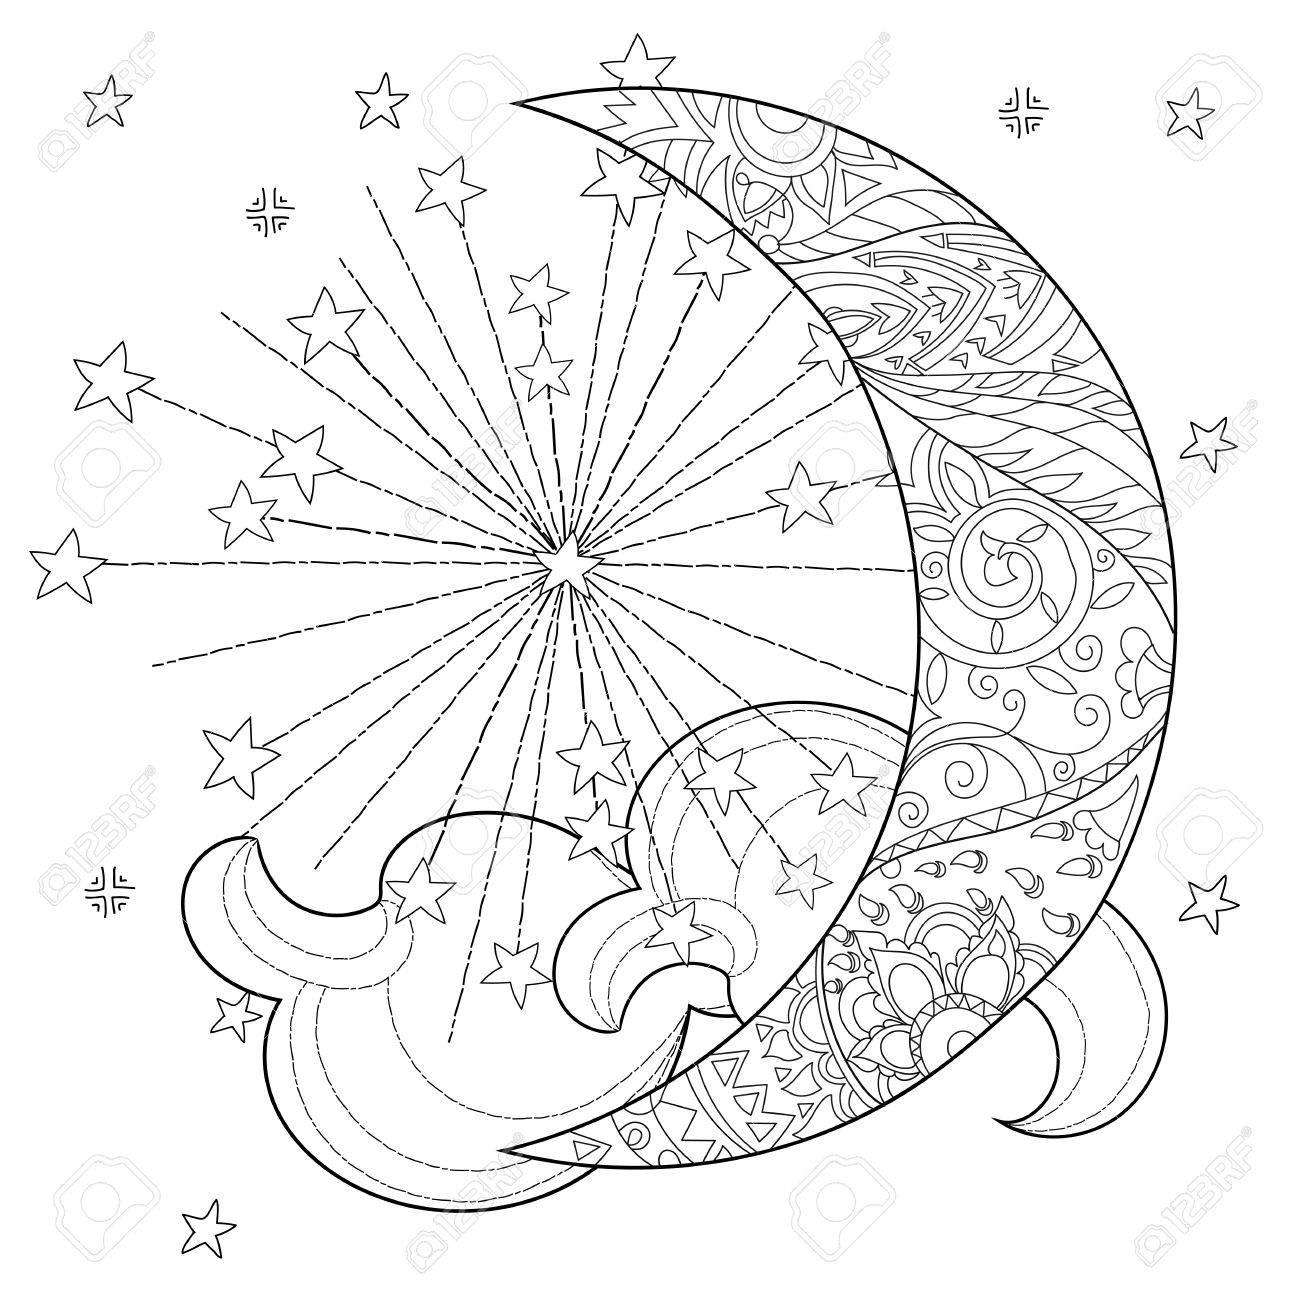 Weihnachtshalbmond Mit Sternen. Hand Gezeichnet Doodle Zen Art.Adult ...